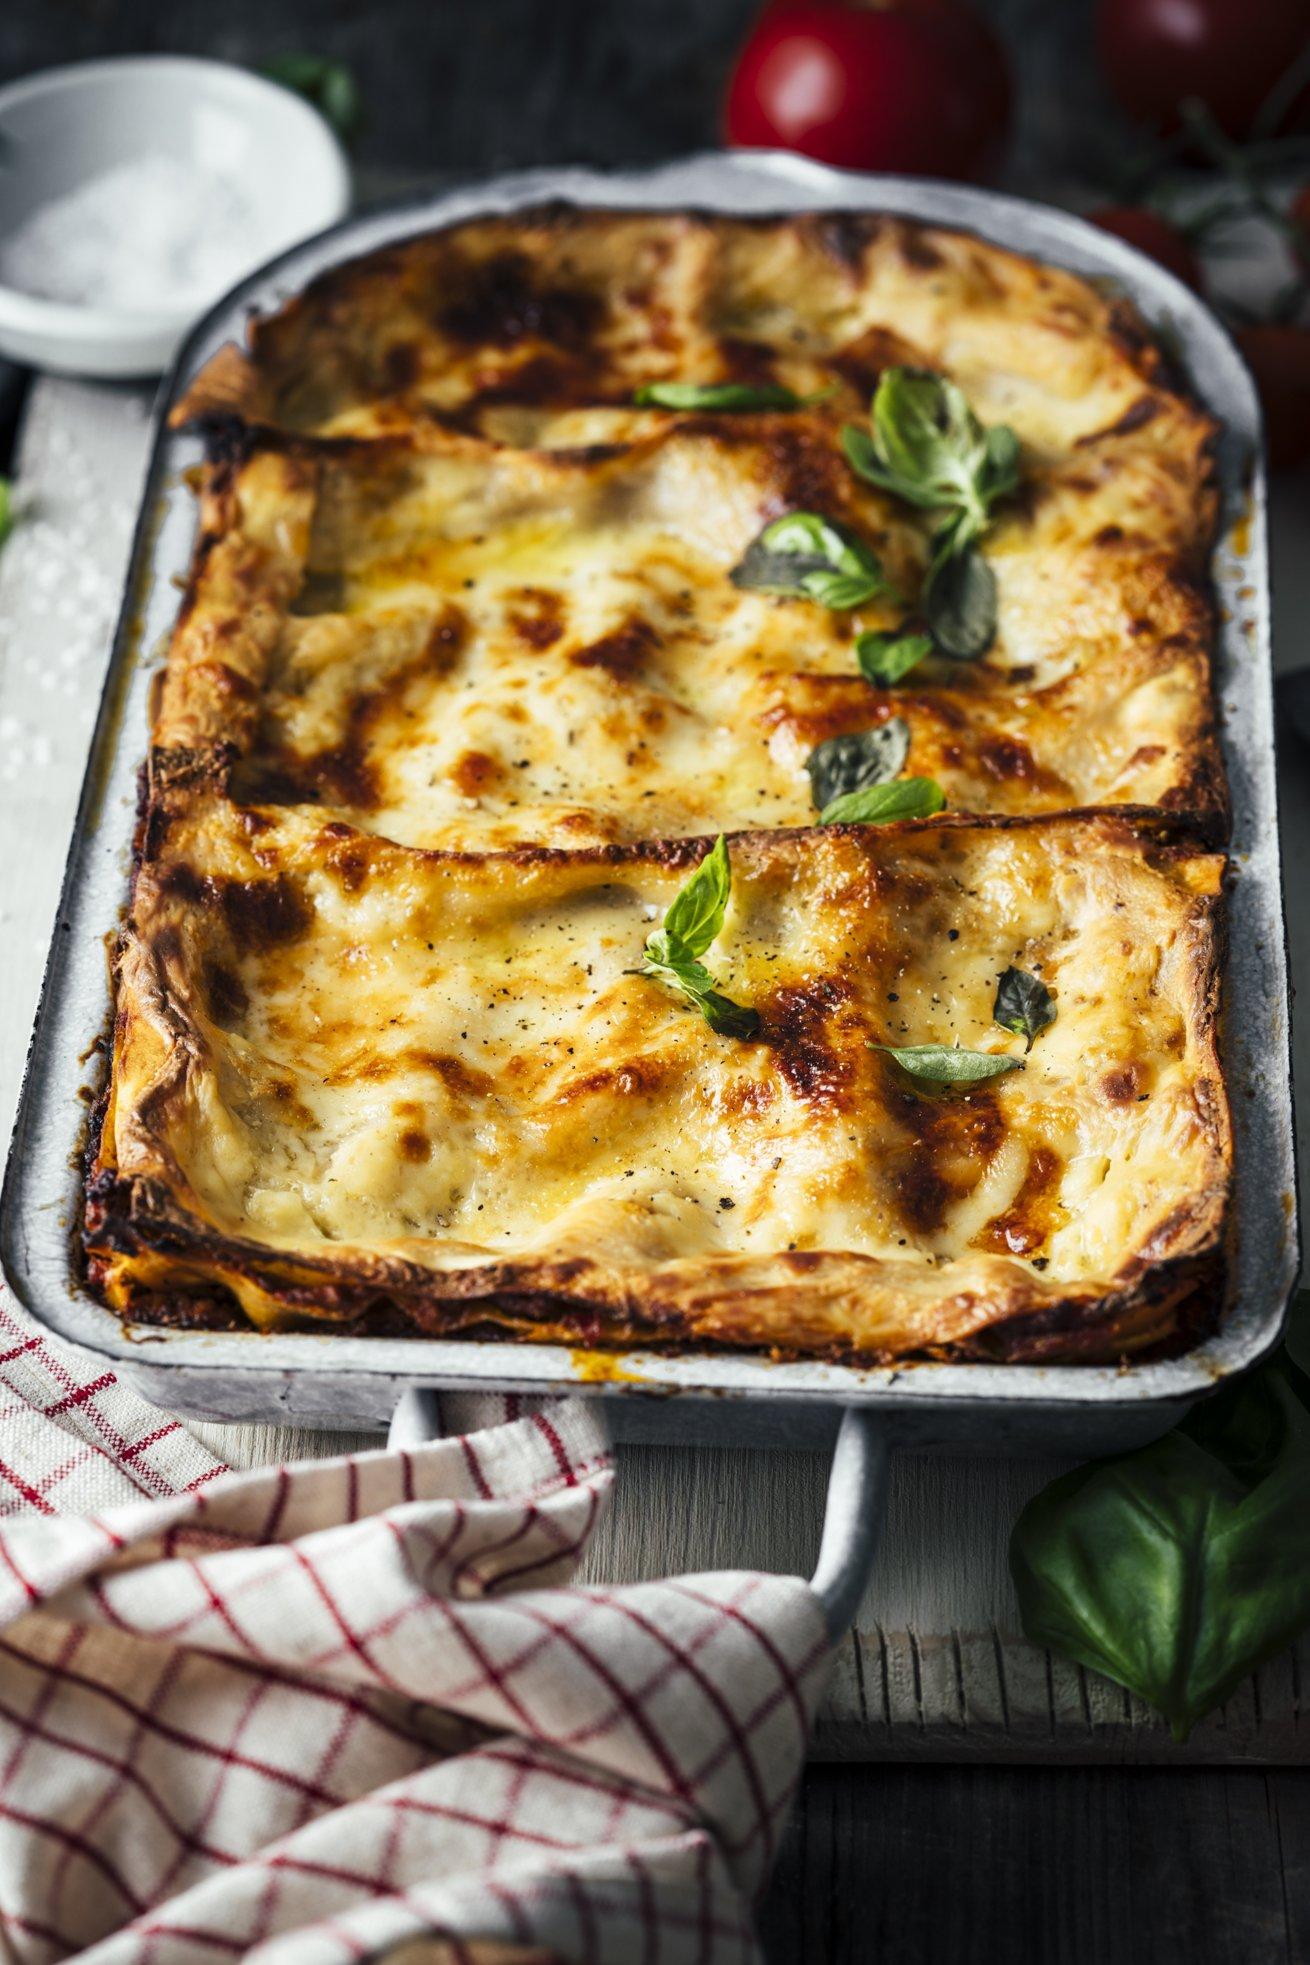 Traditionelle Lasagne Bolognese mit selbstgemachtem Nudelteig